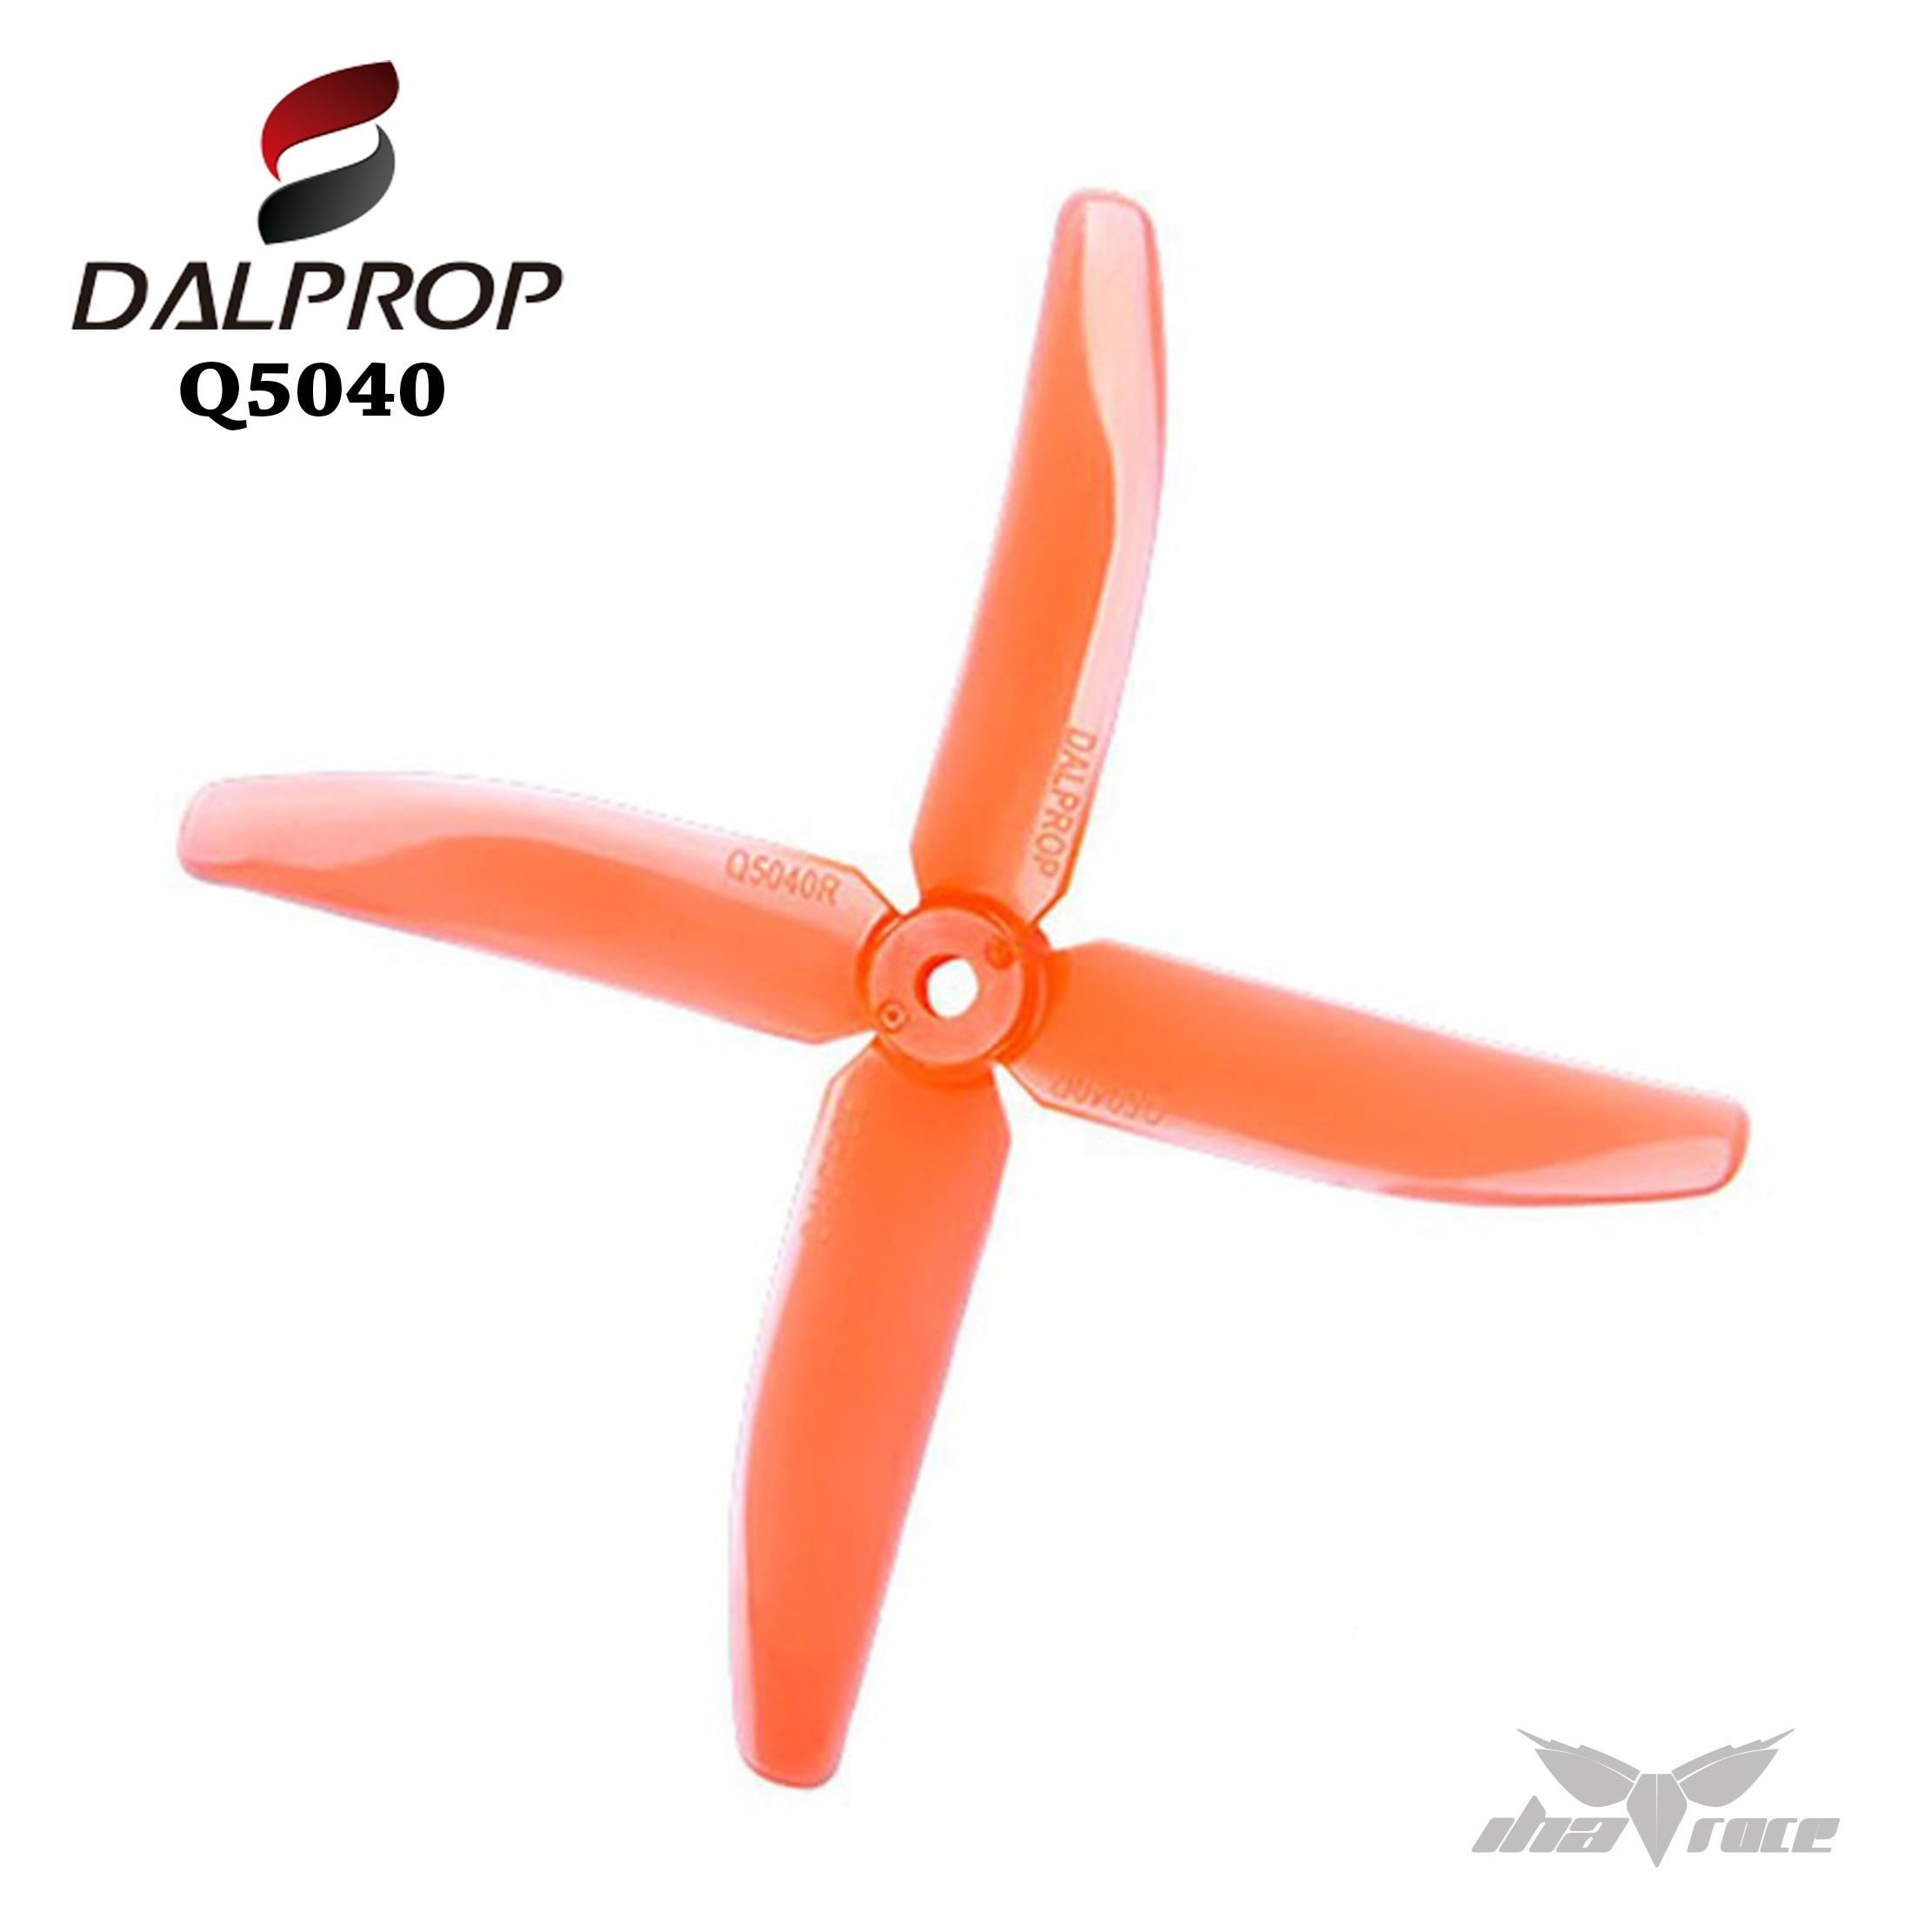 Helices dalprop q5040 varios colores